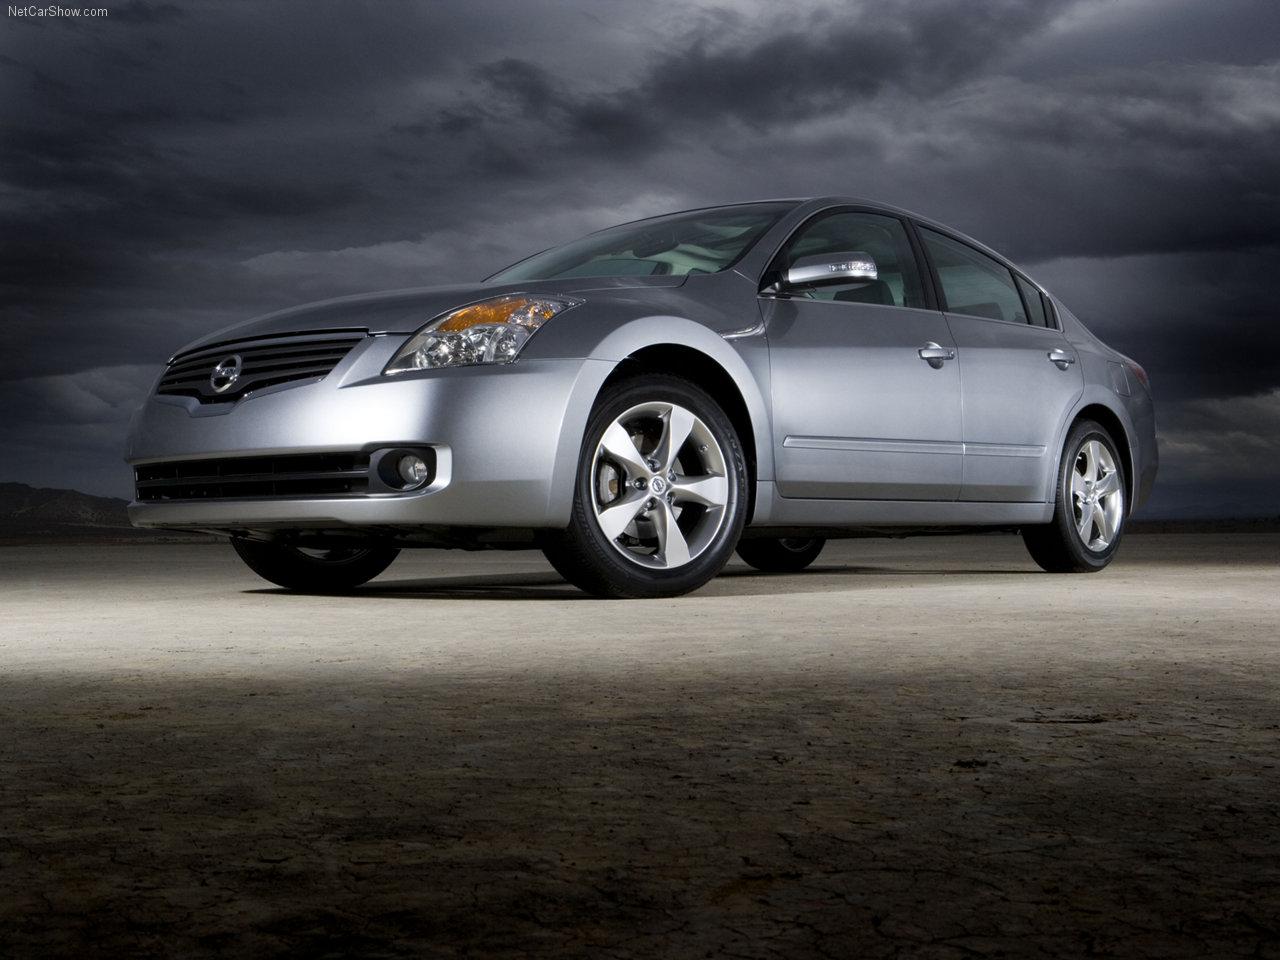 http://3.bp.blogspot.com/-miLVmyXZ024/TXR_ZiP6jNI/AAAAAAAADnU/525FDWNtDHs/s1600/Nissan-Altima_2007_1280x960_wallpaper_01.jpg